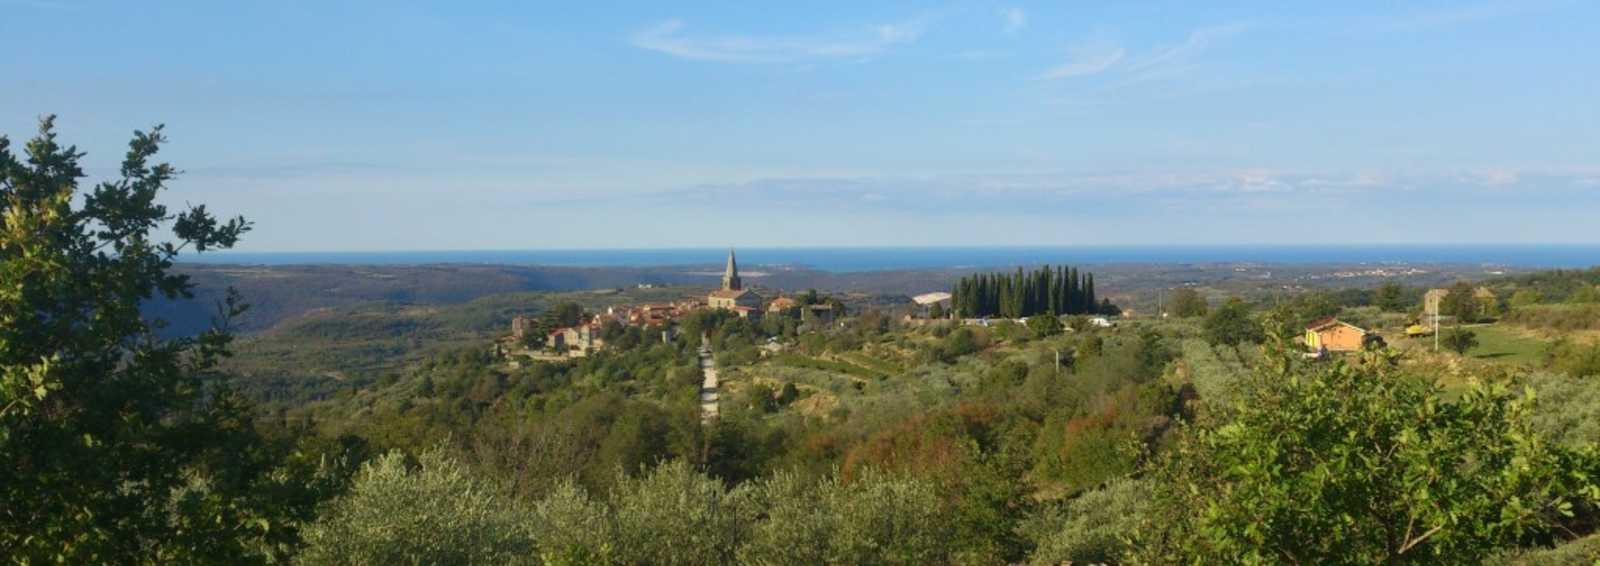 W07IS - Croatia hilltop town